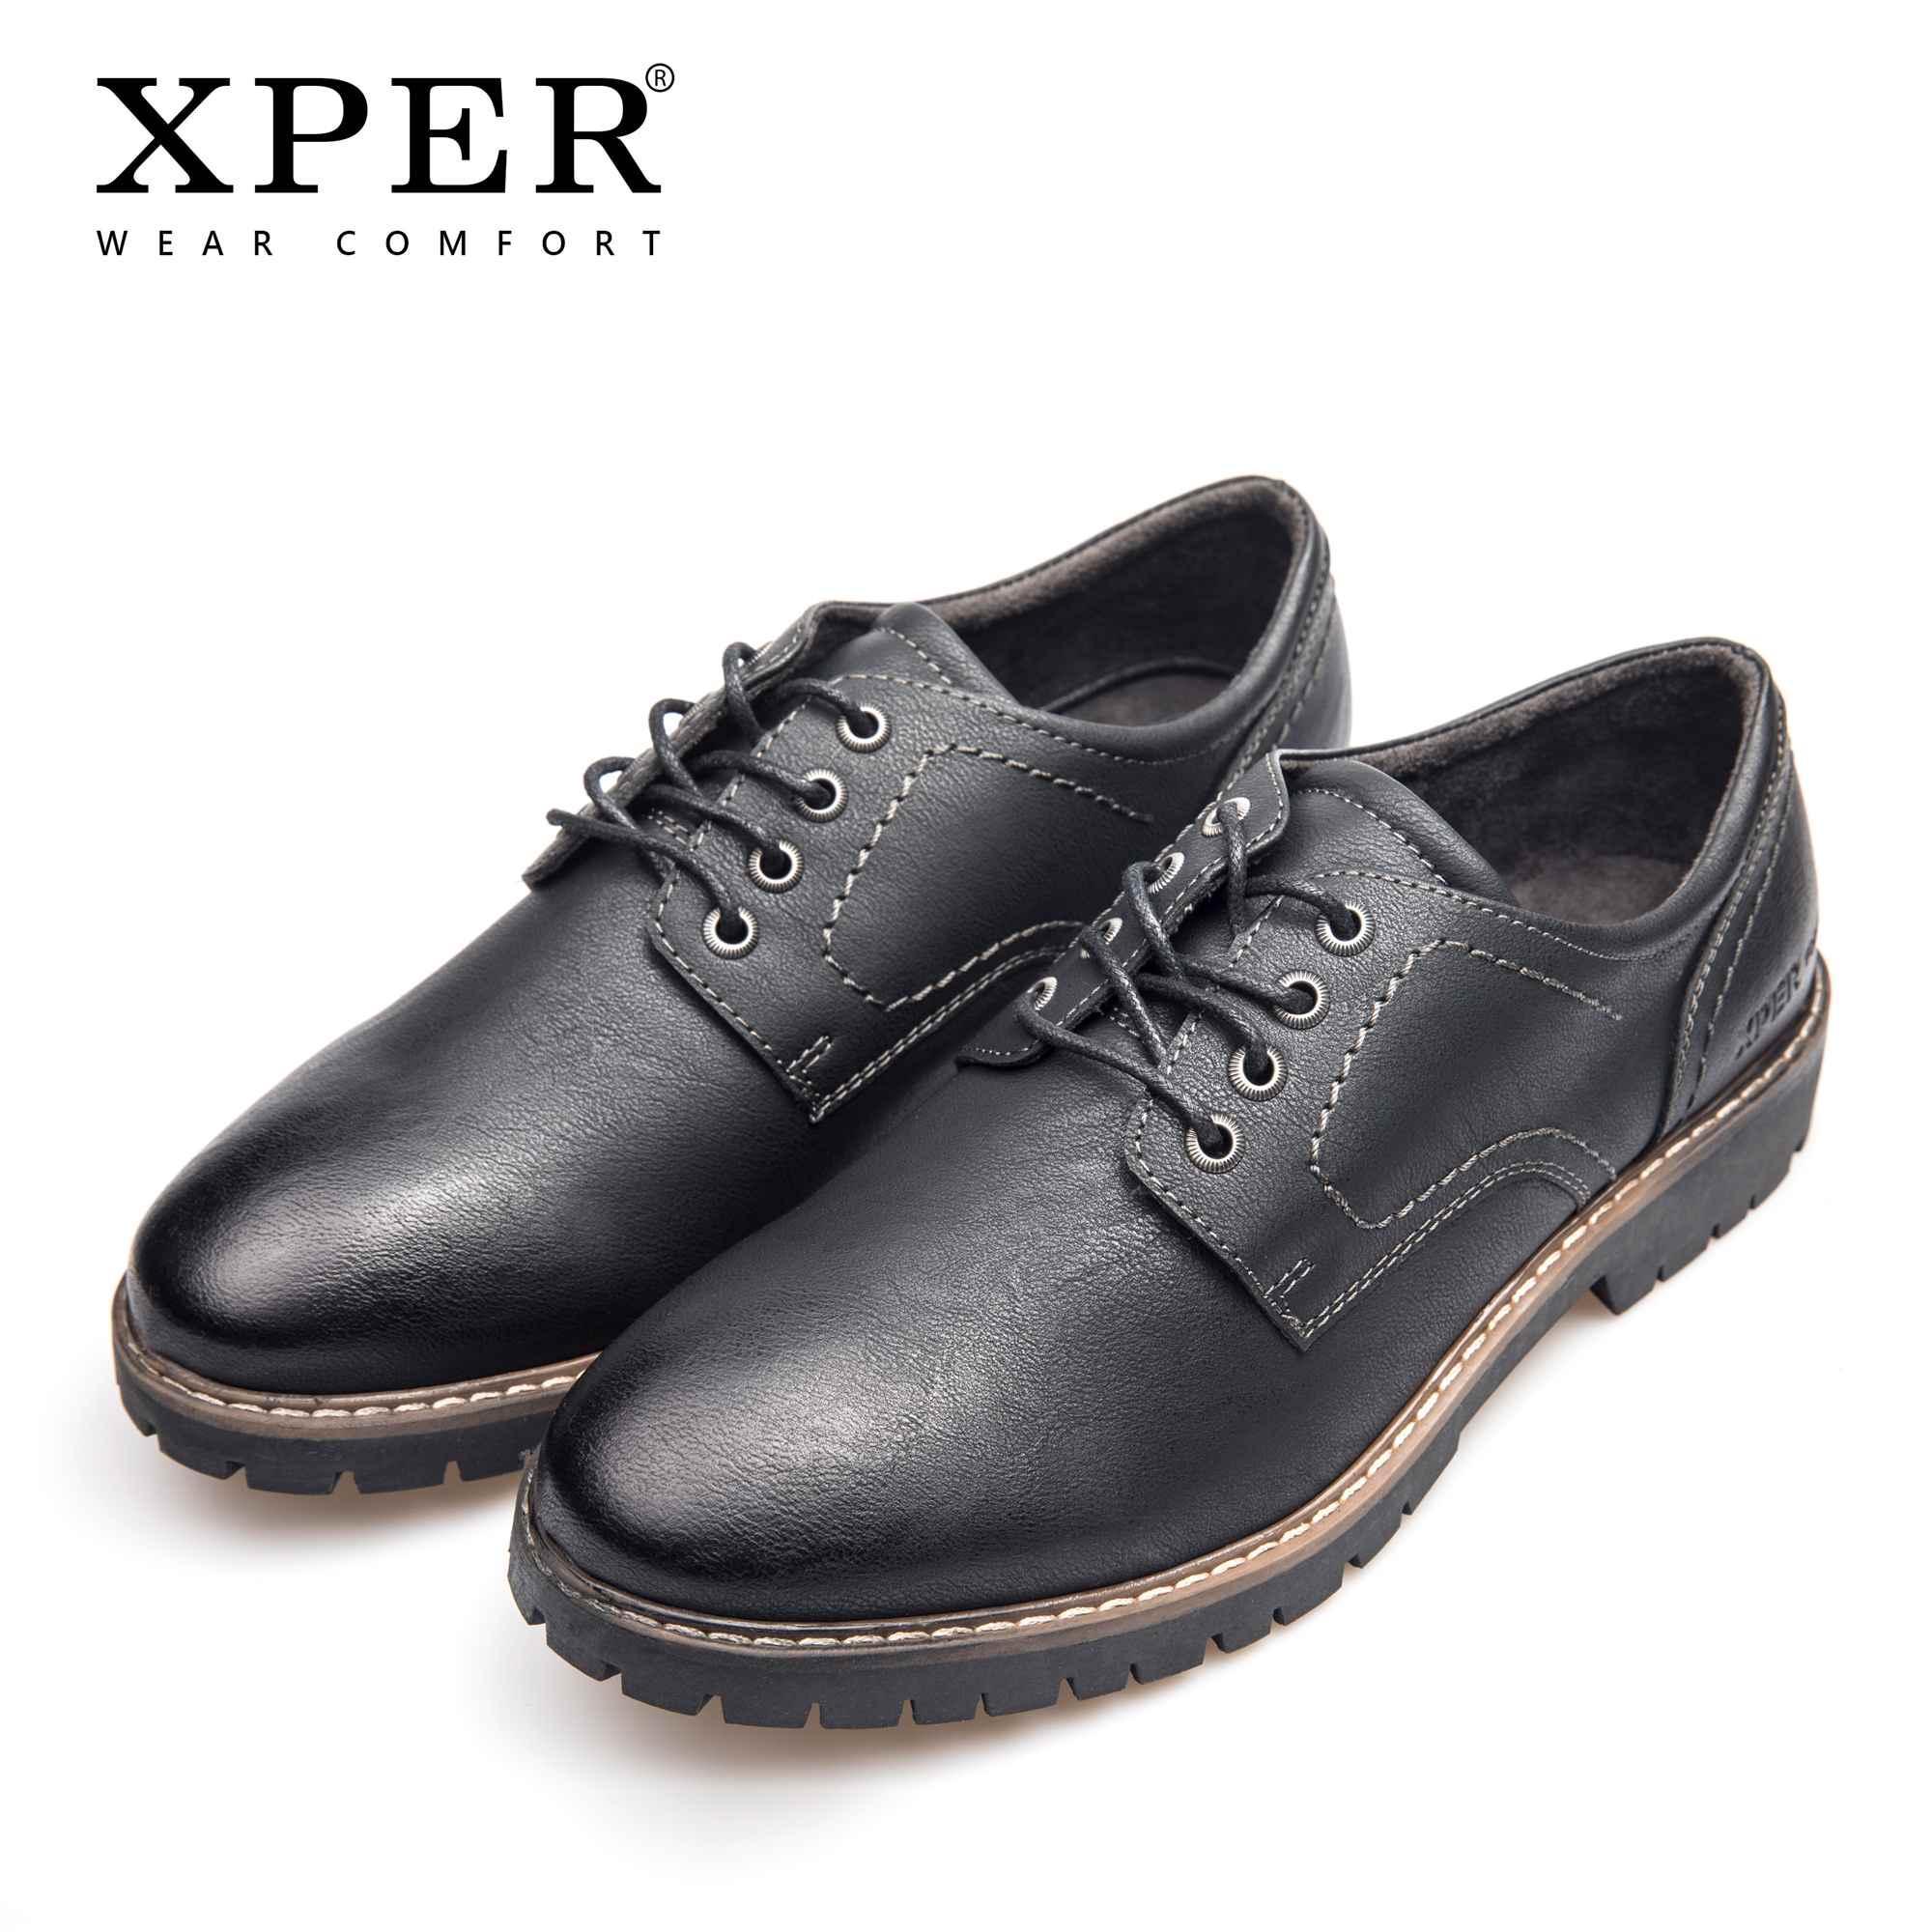 360d9b080e706 Acquista XPER Marca Moda Uomo Abito Scarpe In Pelle Lace Up Oxford Uomini  Formale Nero Calzature Business Autunno Scarpe Casual   XHY11201BL   BR A   70.49 ...